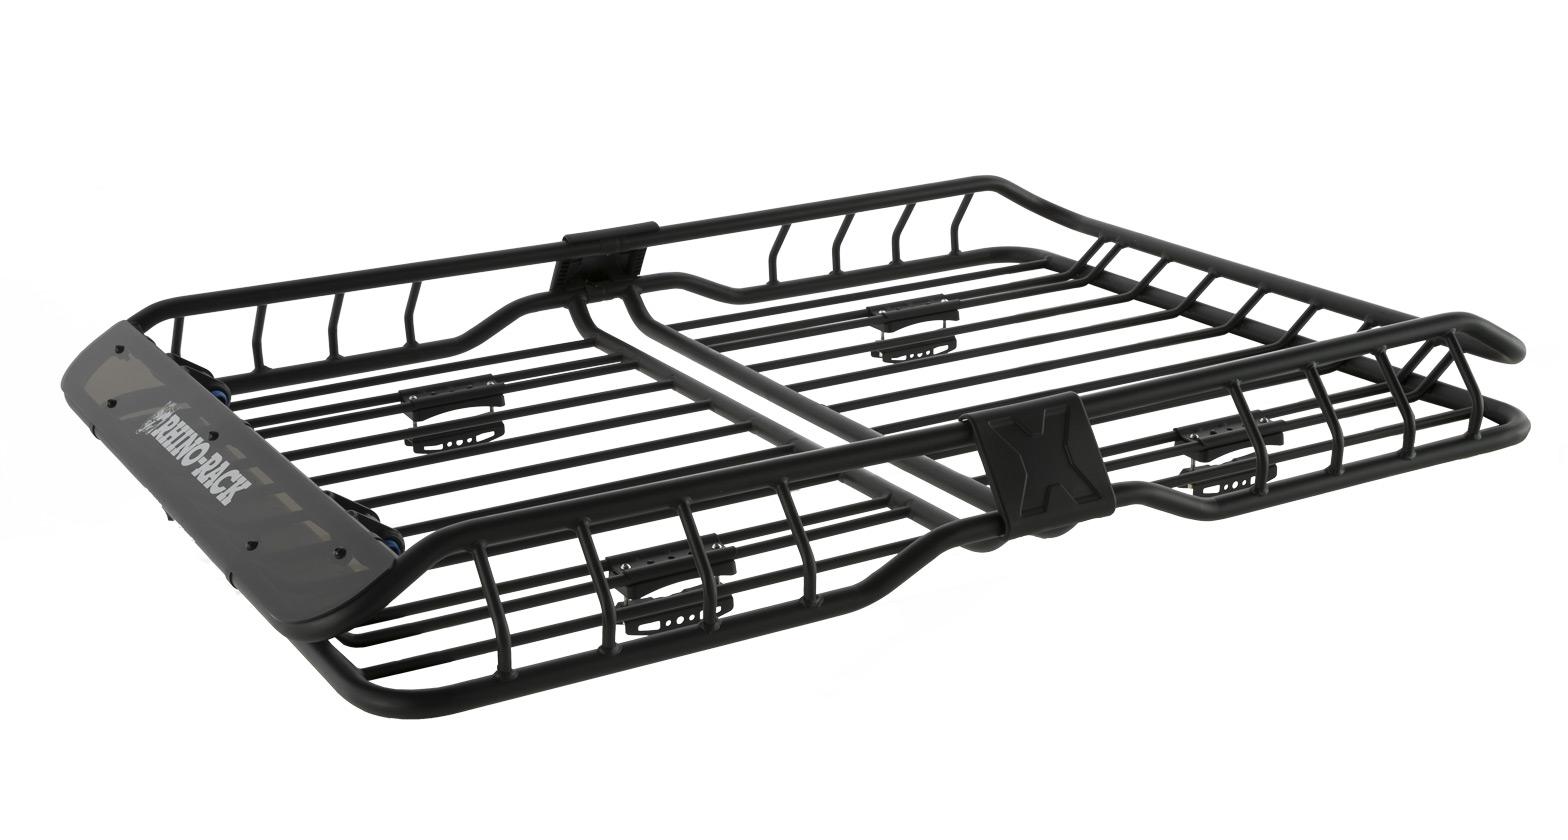 RMCB03 - XTray Pro | Rhino-Rack